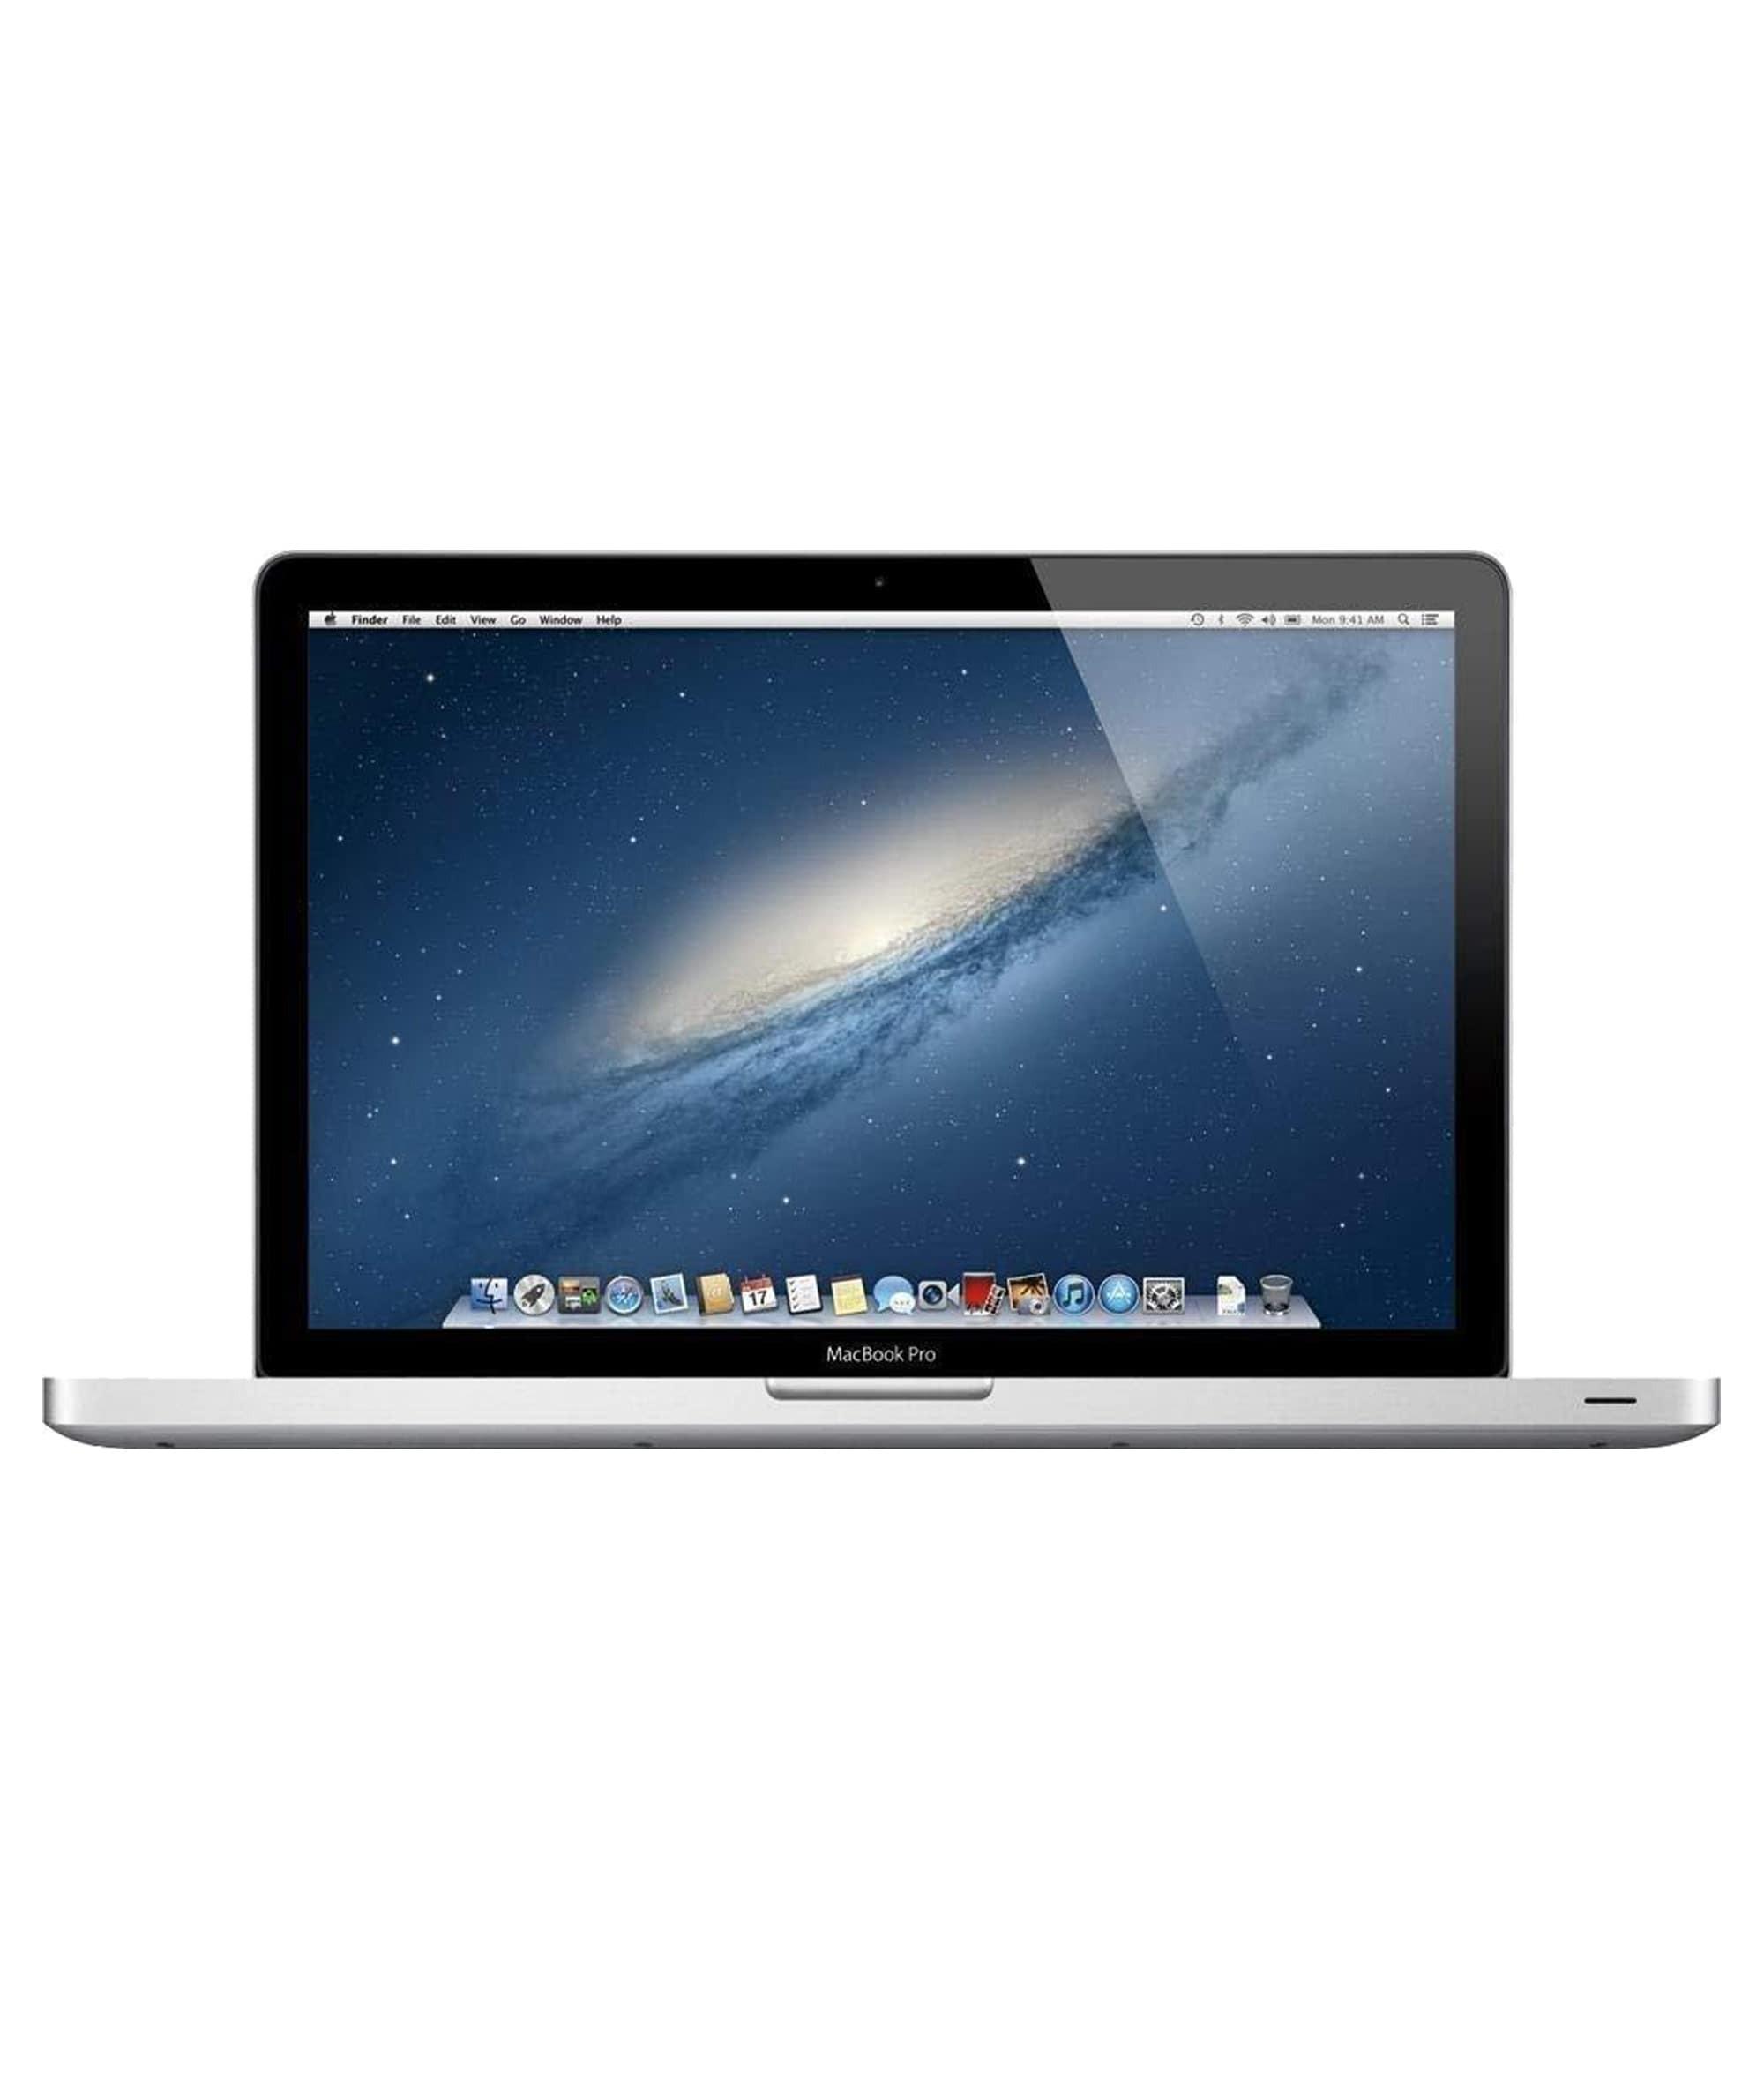 Vendere-Valutare-MacBook Pro Unibody